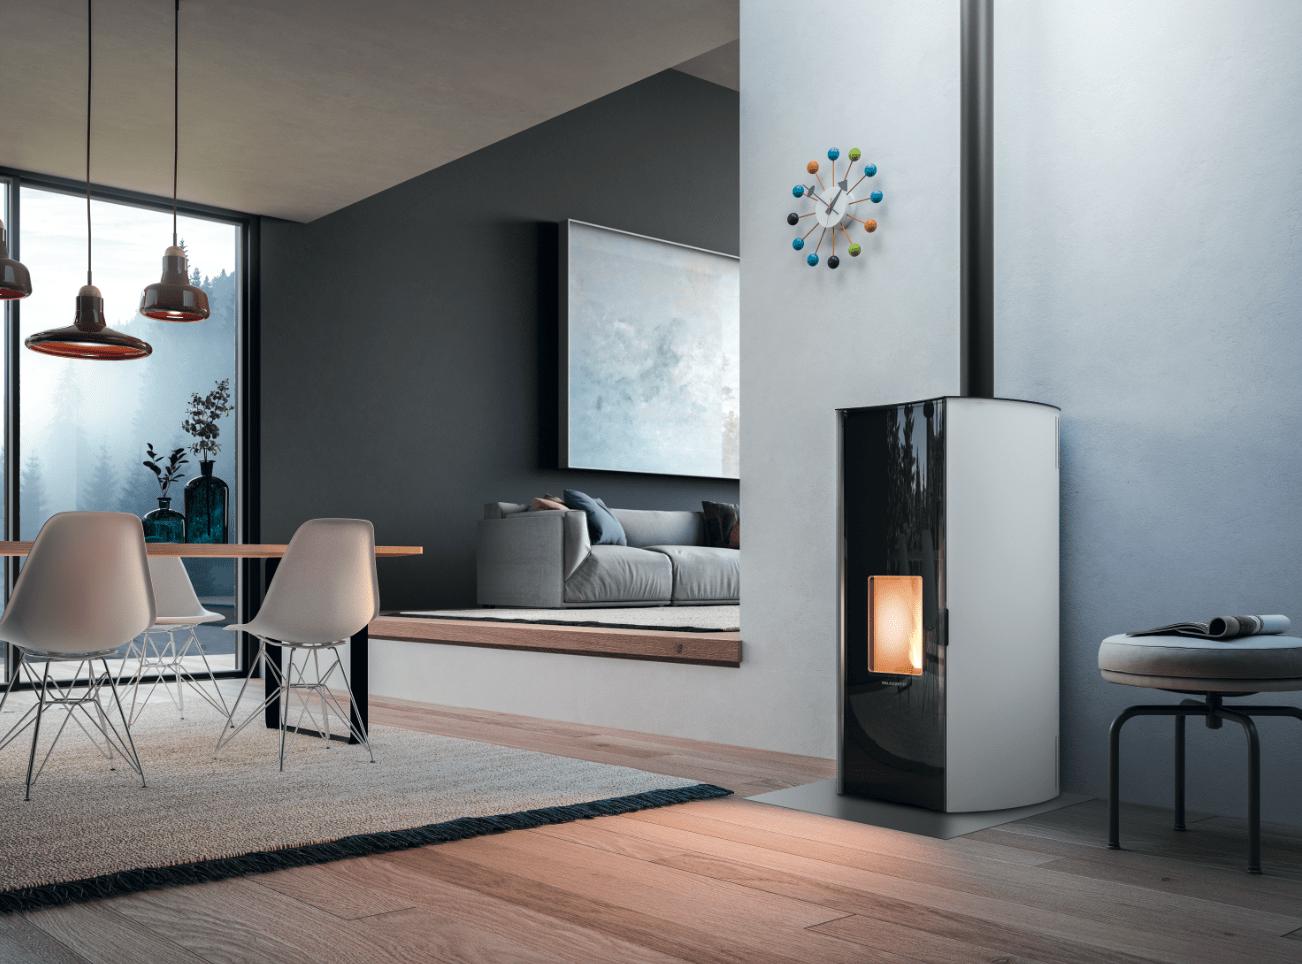 veronafiere al via la decima edizione di progetto fuoco cose di casa. Black Bedroom Furniture Sets. Home Design Ideas